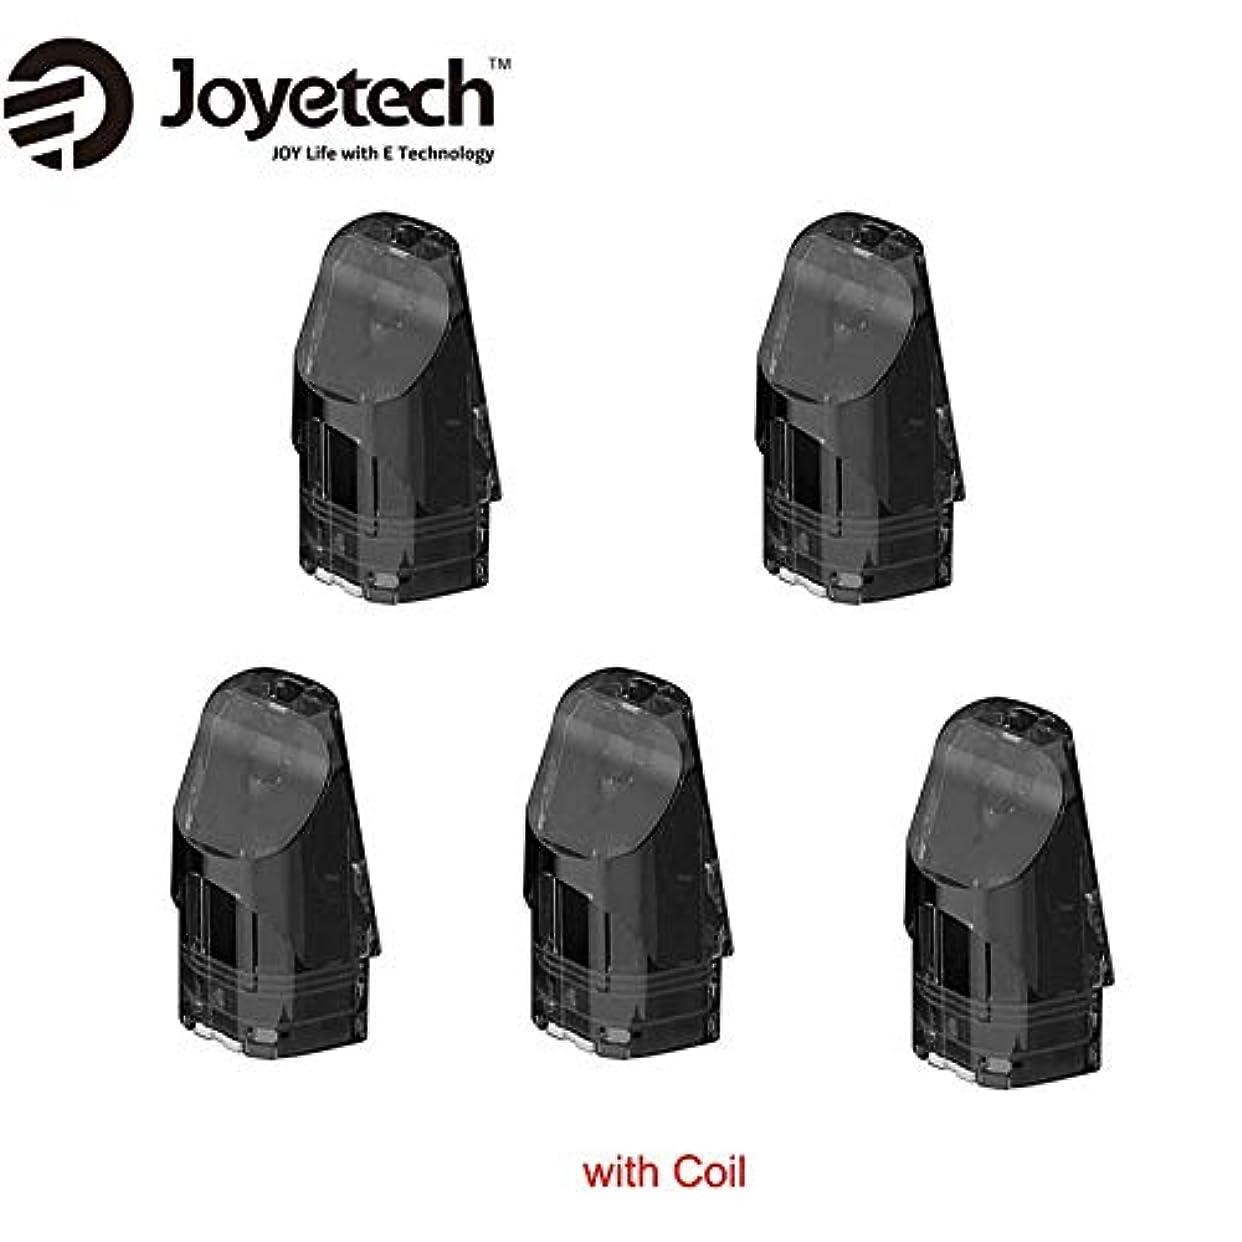 首グローバル予測する正規品Joyetech Exceed Edge Podカートリッジ 2ml 内蔵1.2ohmコイル 5個セット 1パック